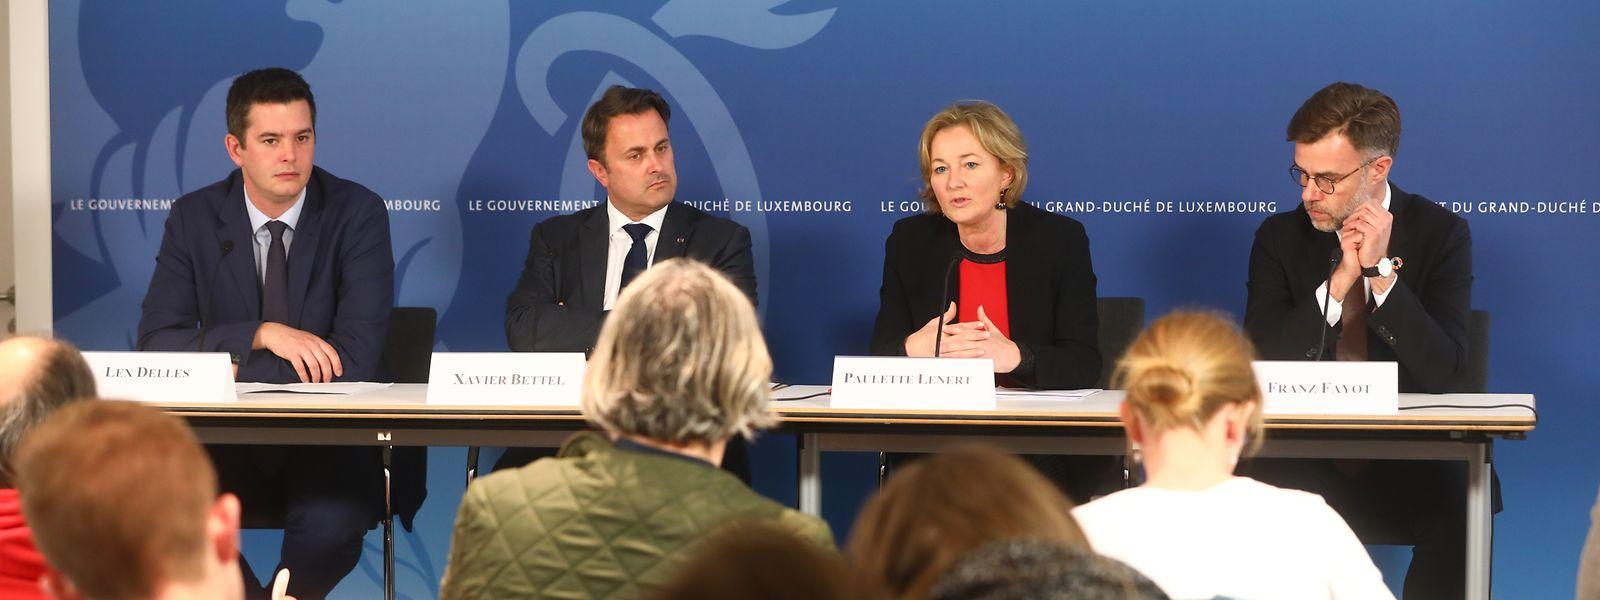 Die Regierung appelliert an die Bürger, die Empfehlungen zu beherzigen und ihren Teil zur Eindämmung der Krise beizutragen.